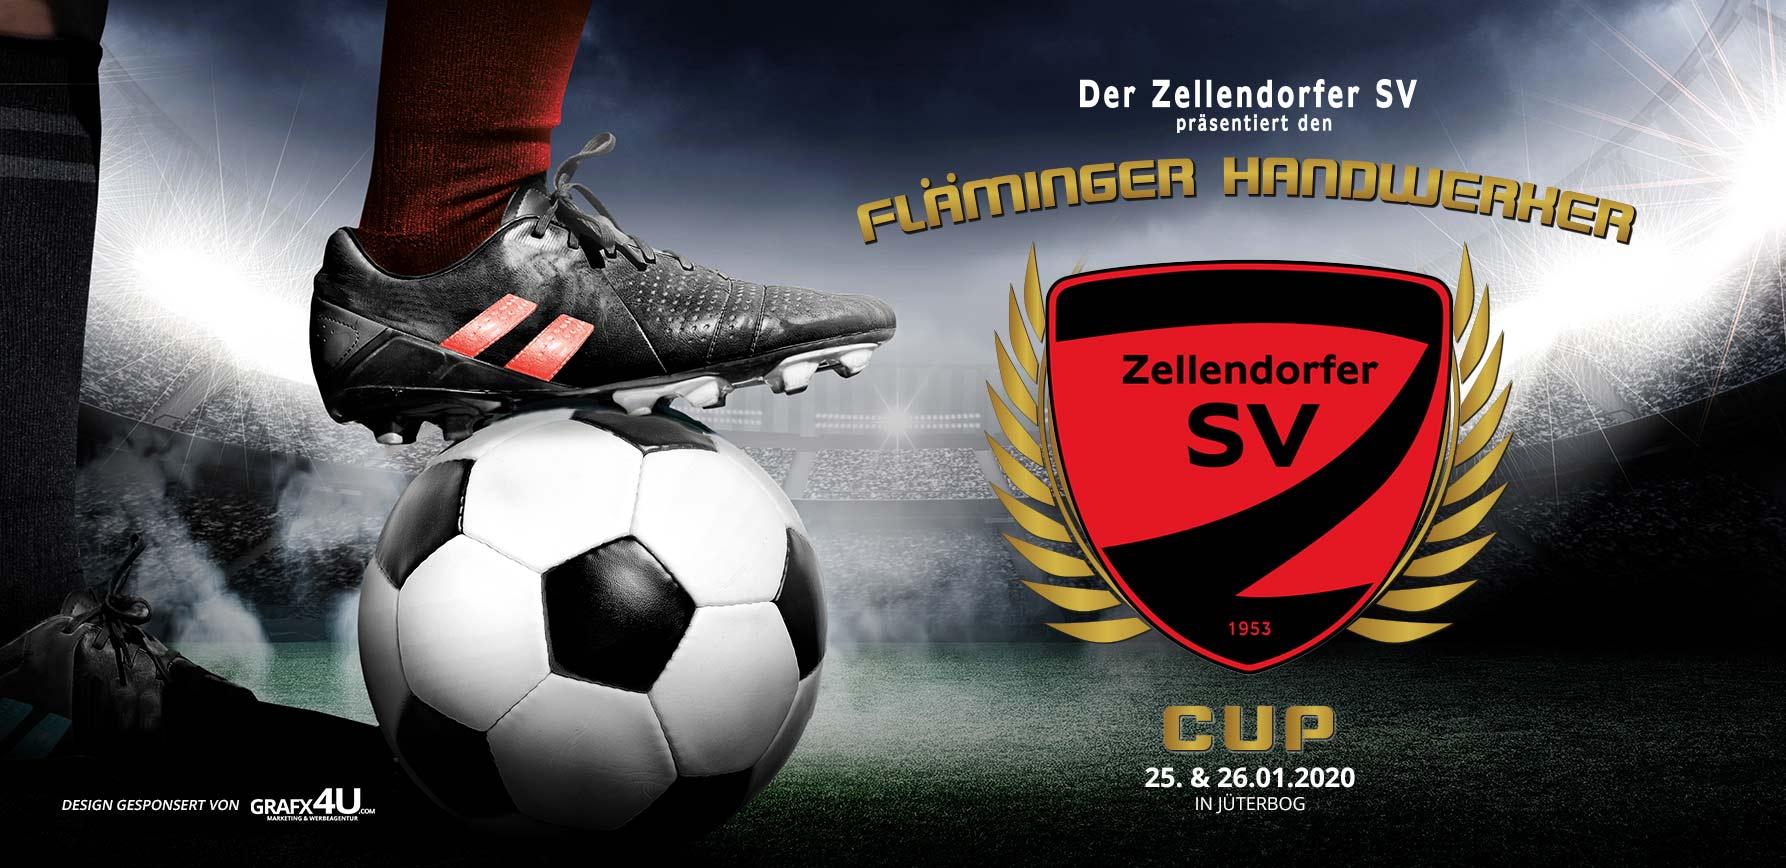 Handwerker-Cup-Slider-03-01-2020